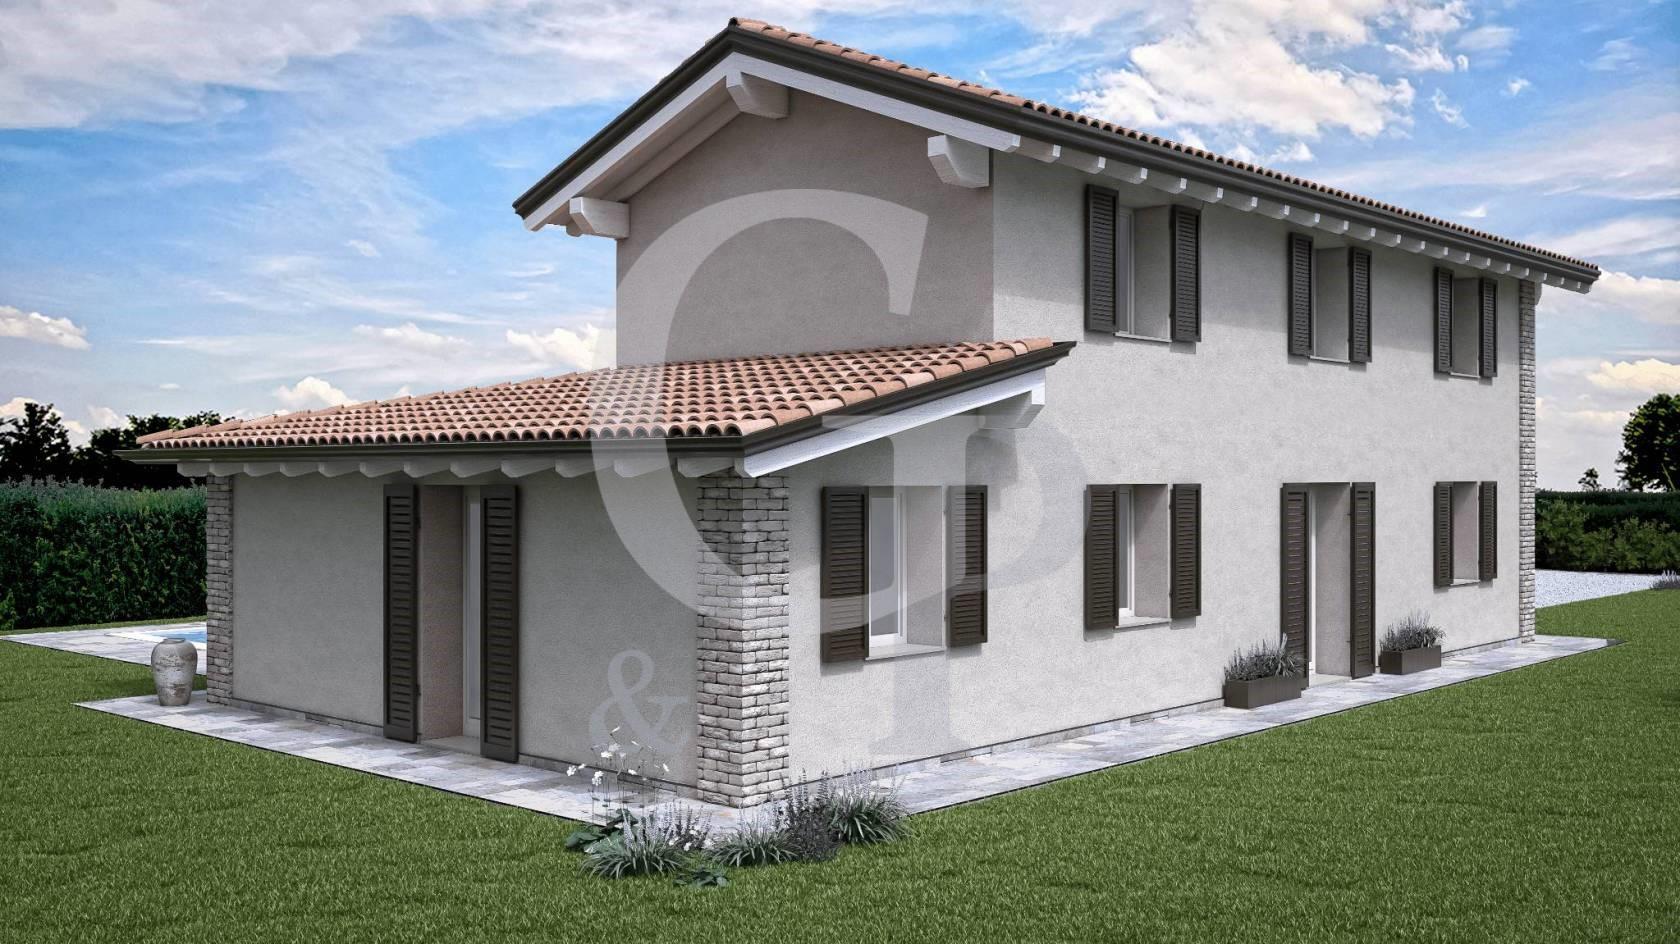 Zola Predosa, Villa unifamiliare (Via Madonna dei Prati) – Vendita